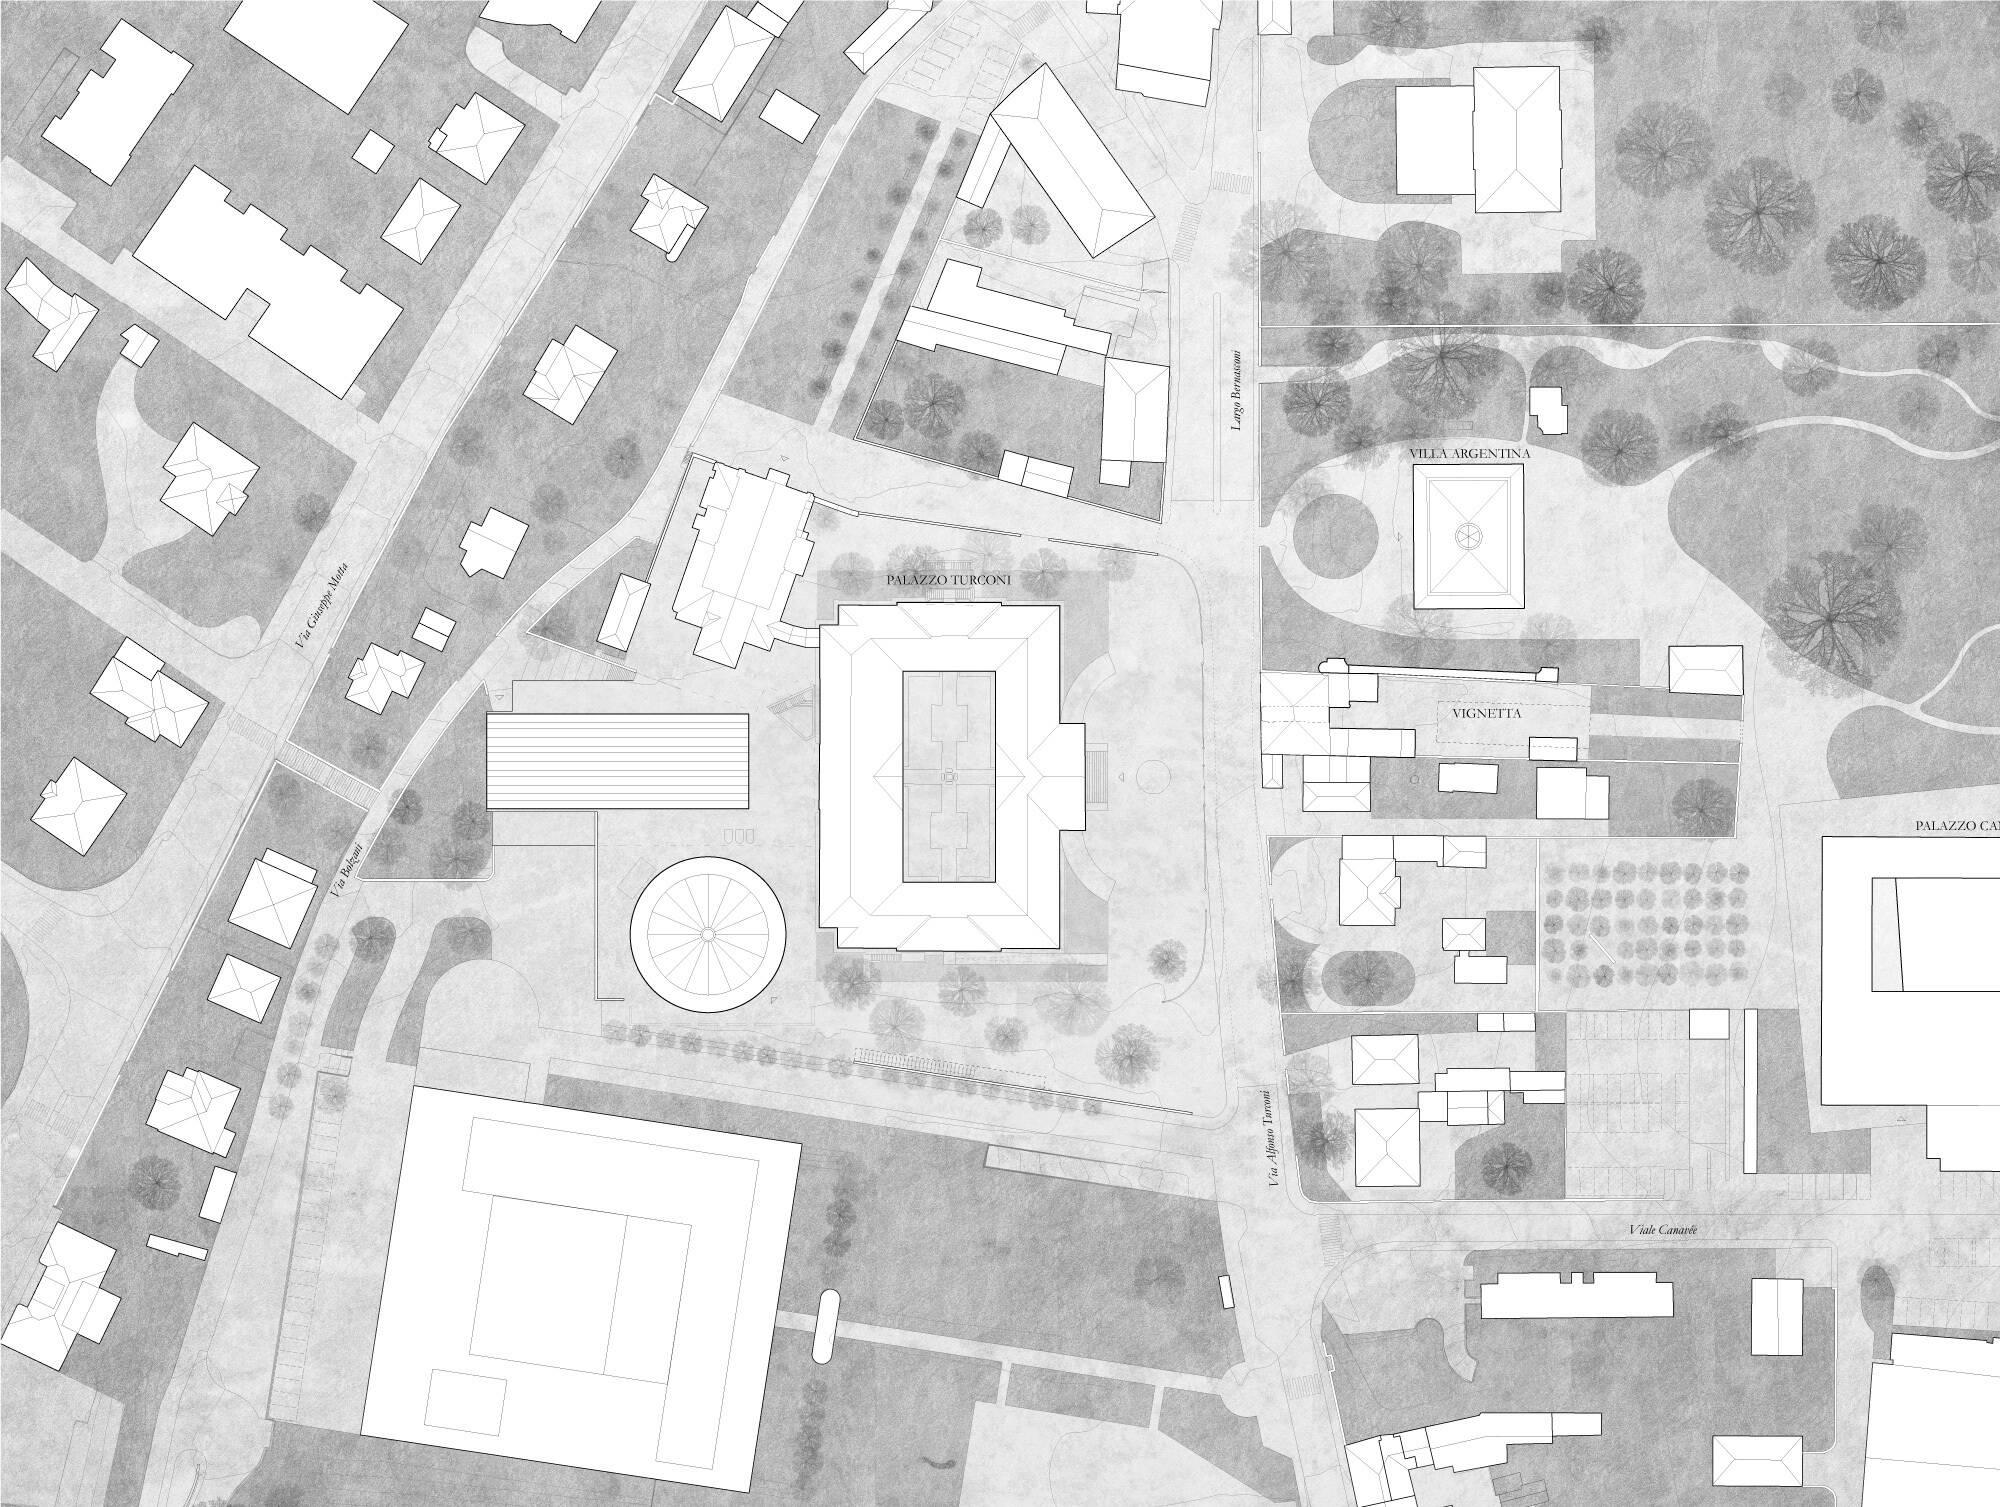 Accademia di Architettura on